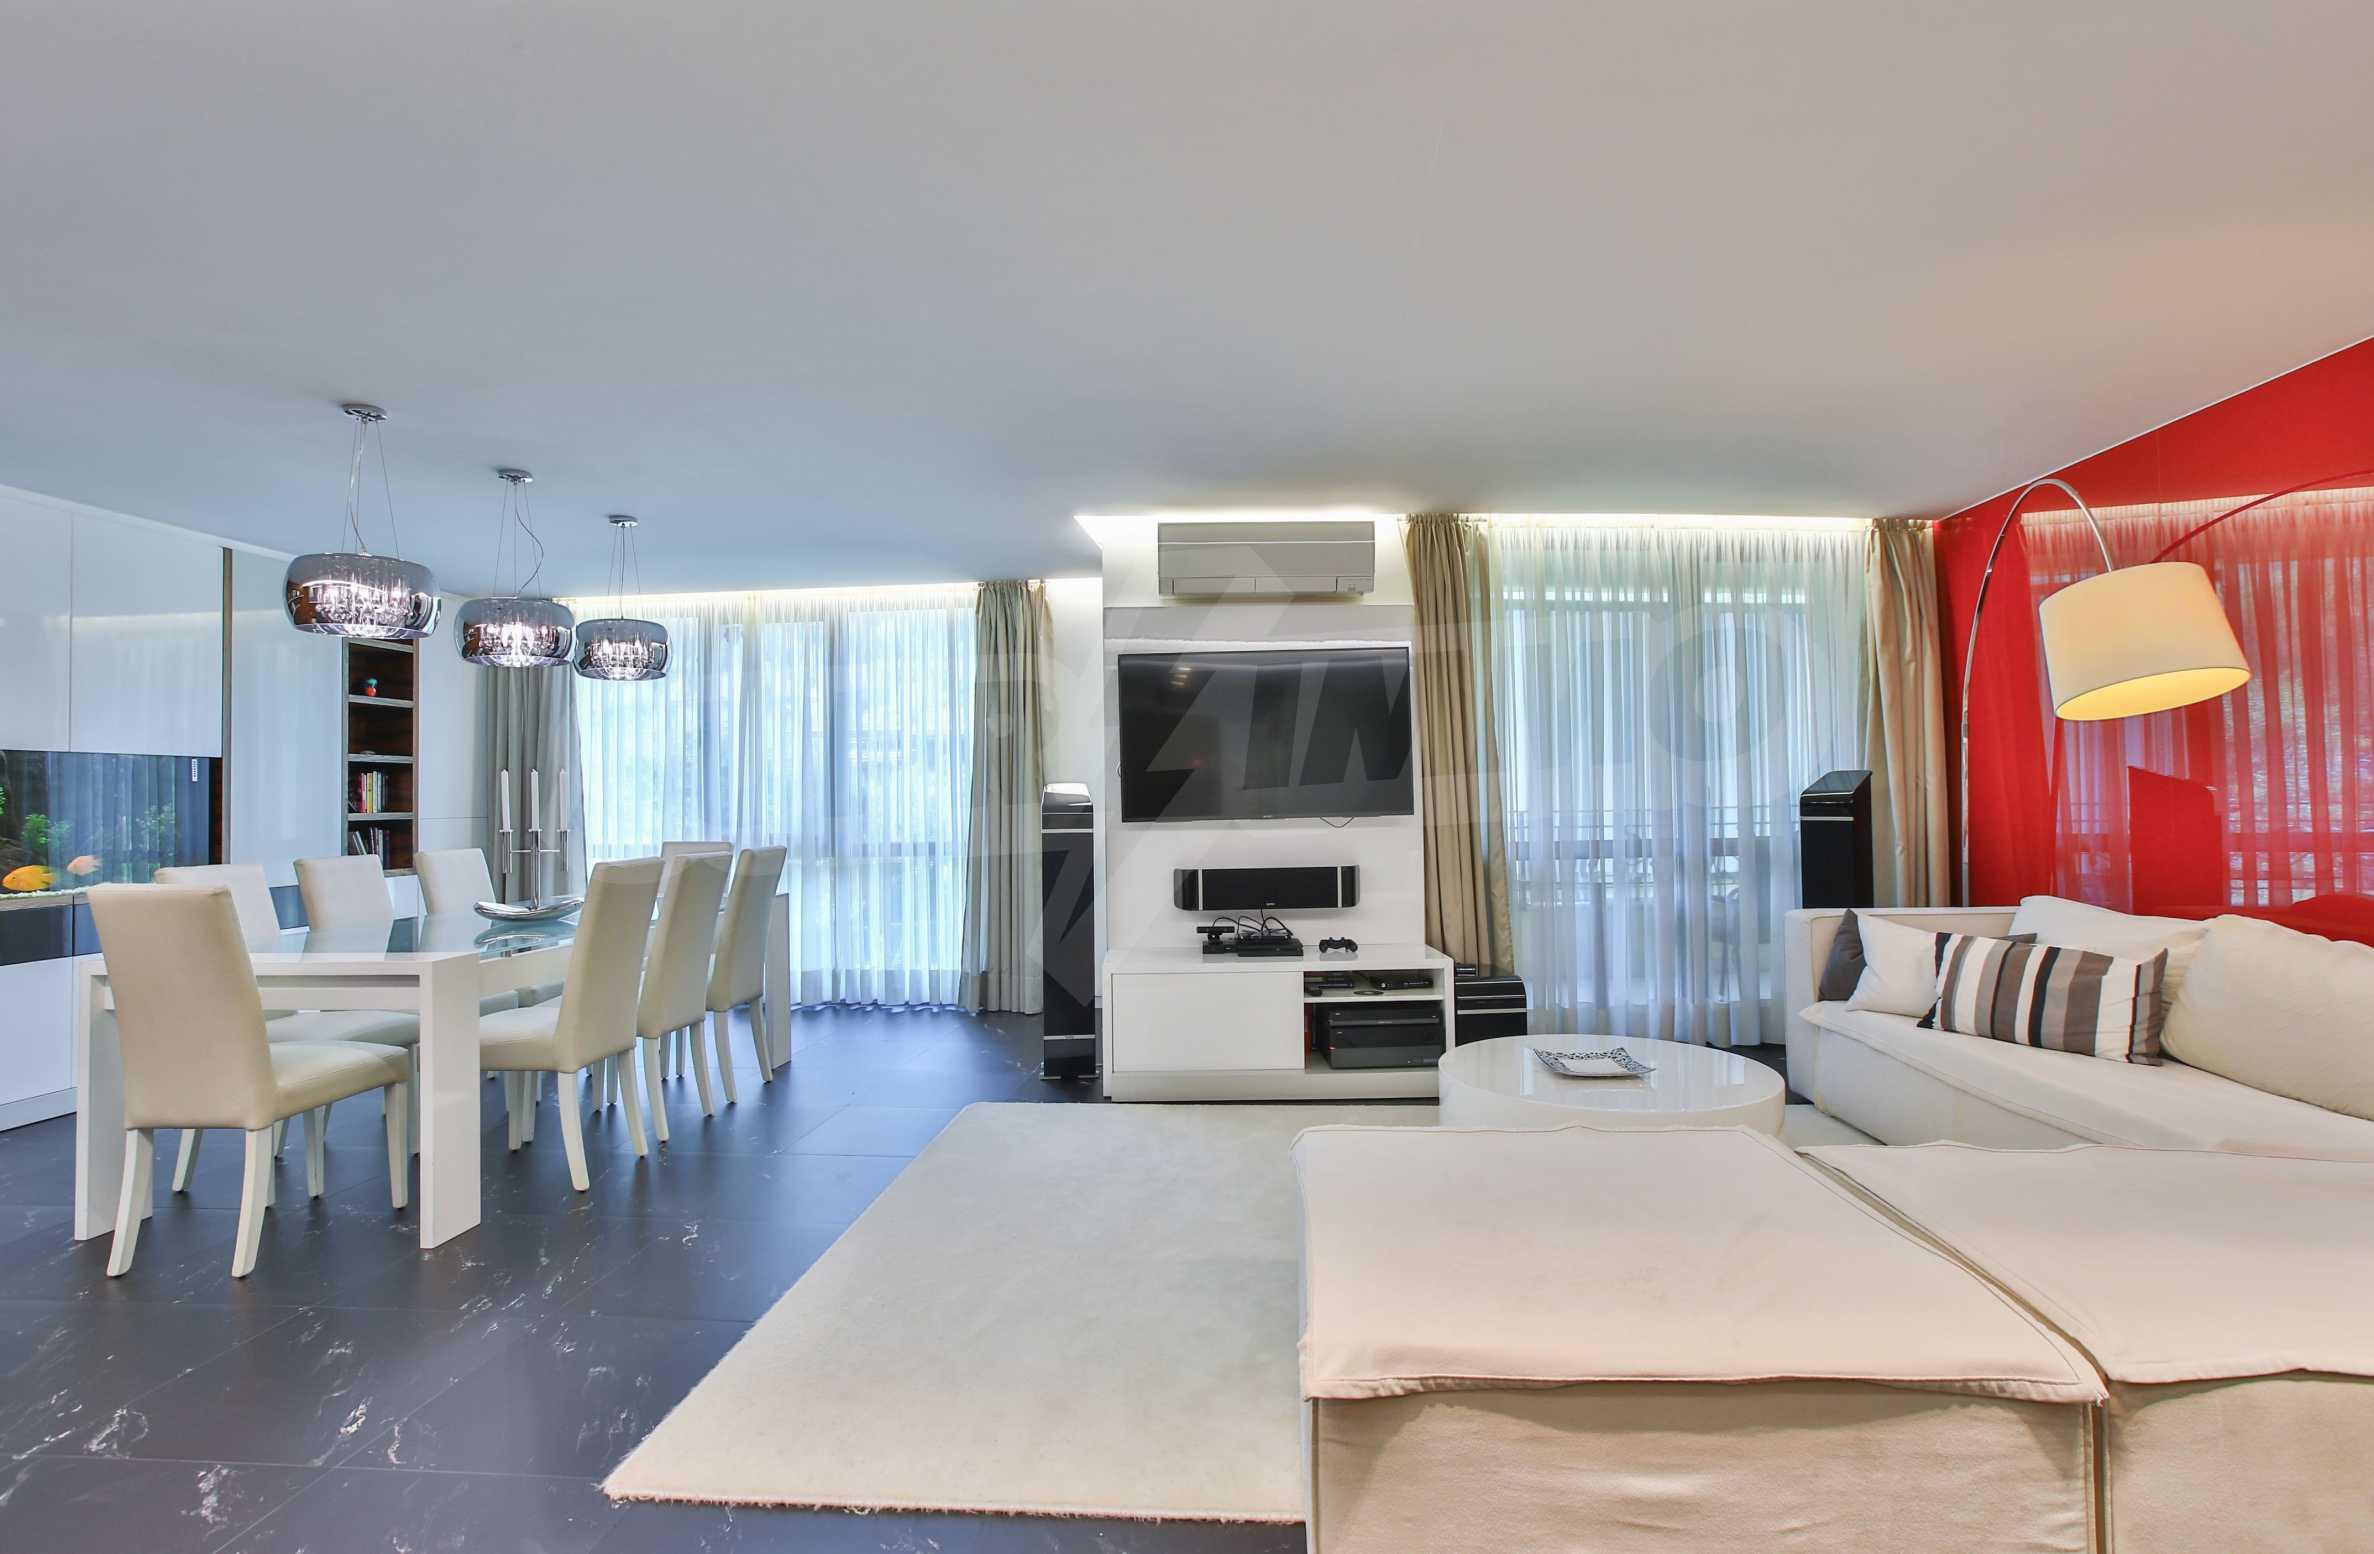 Просторен двустаен апартамент за продажба в кв Драгалевци.